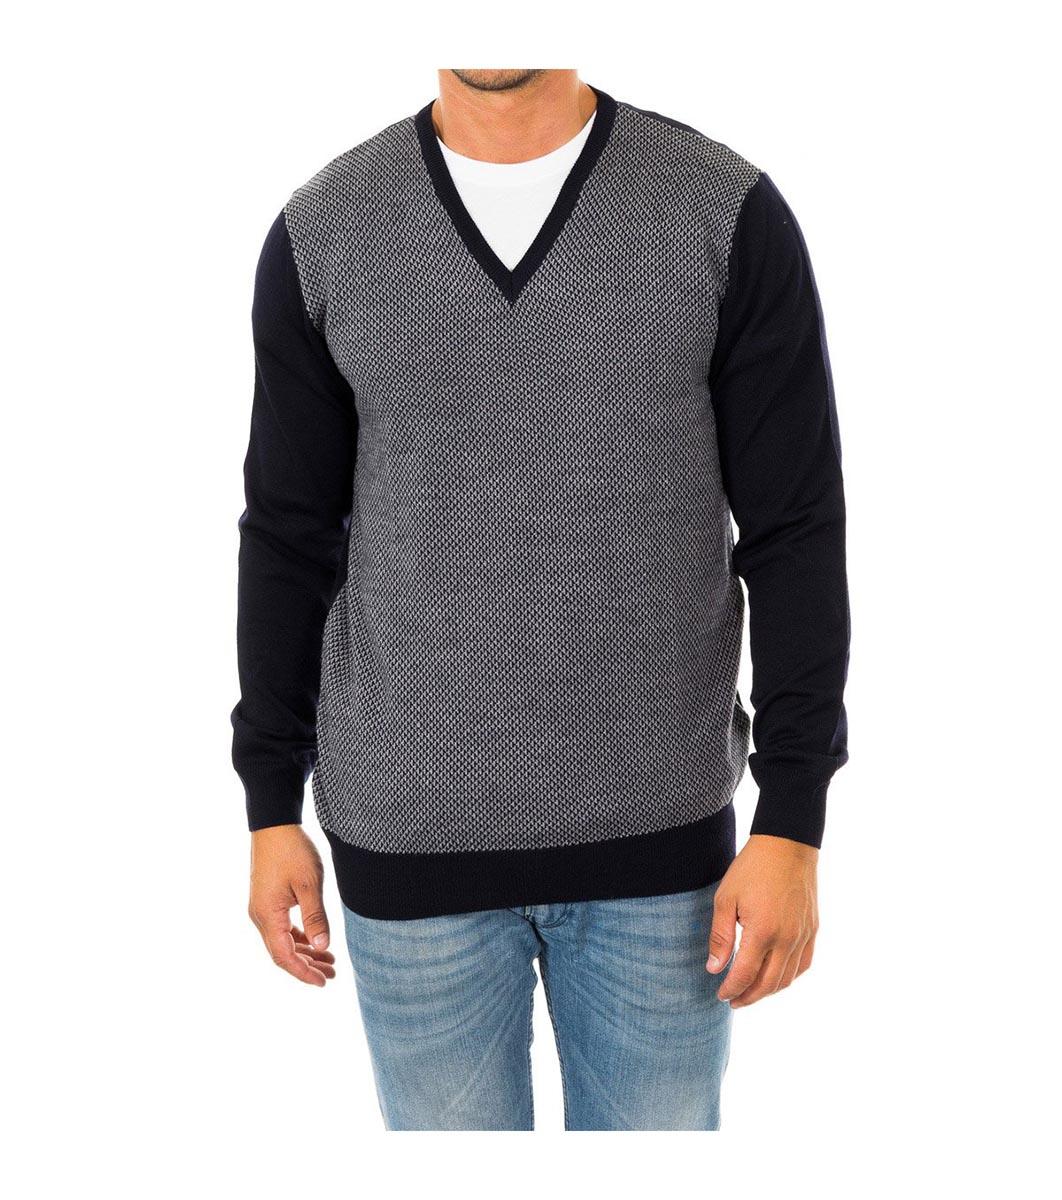 ca95b4c441e Мъжки вълнен пуловер в черно и сиво - 799497 - Fashion Supreme.co.uk